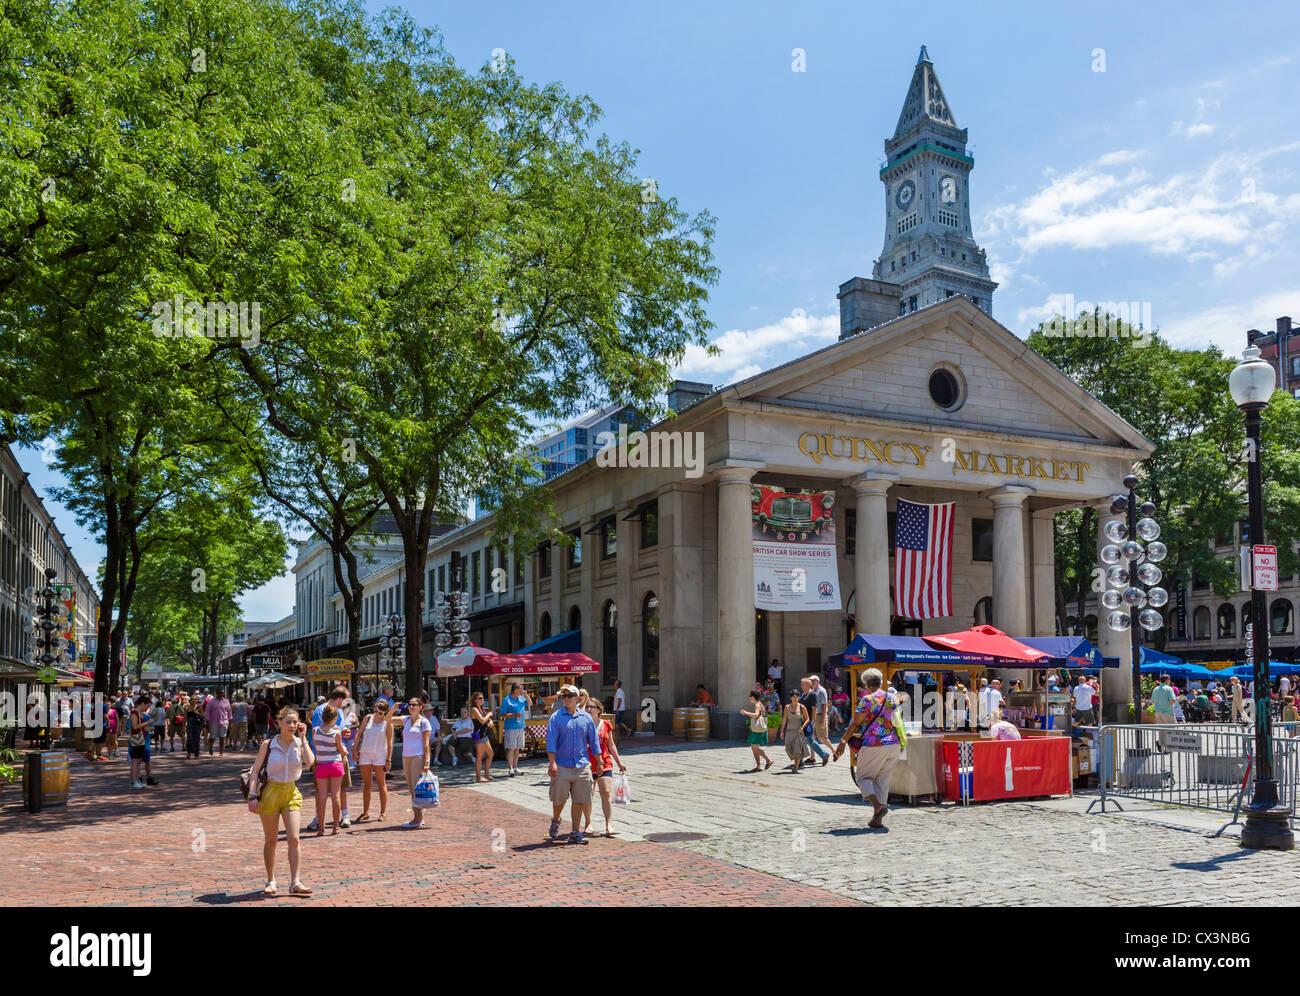 Quincy Market, en el centro histórico de Boston, Massachusetts, EE.UU. Imagen De Stock